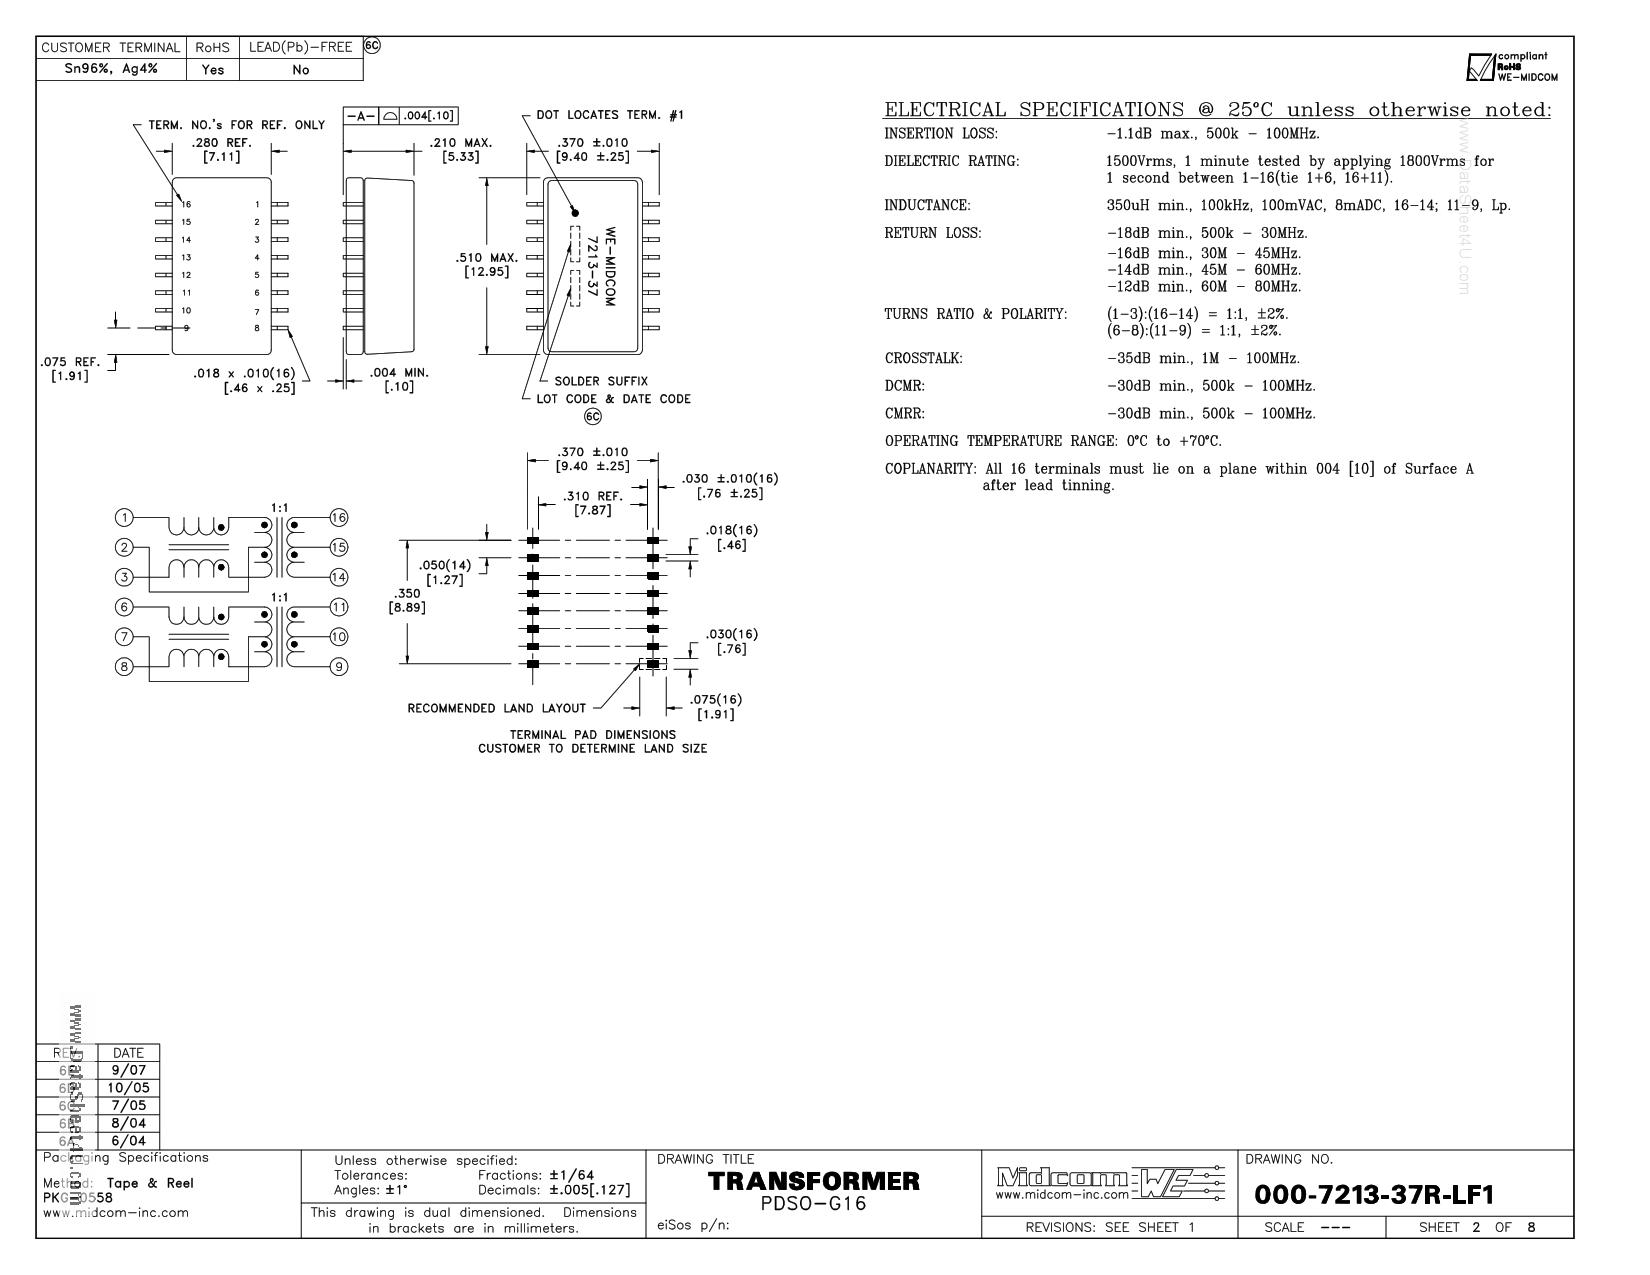 000-7213-37R-LF1 datasheet